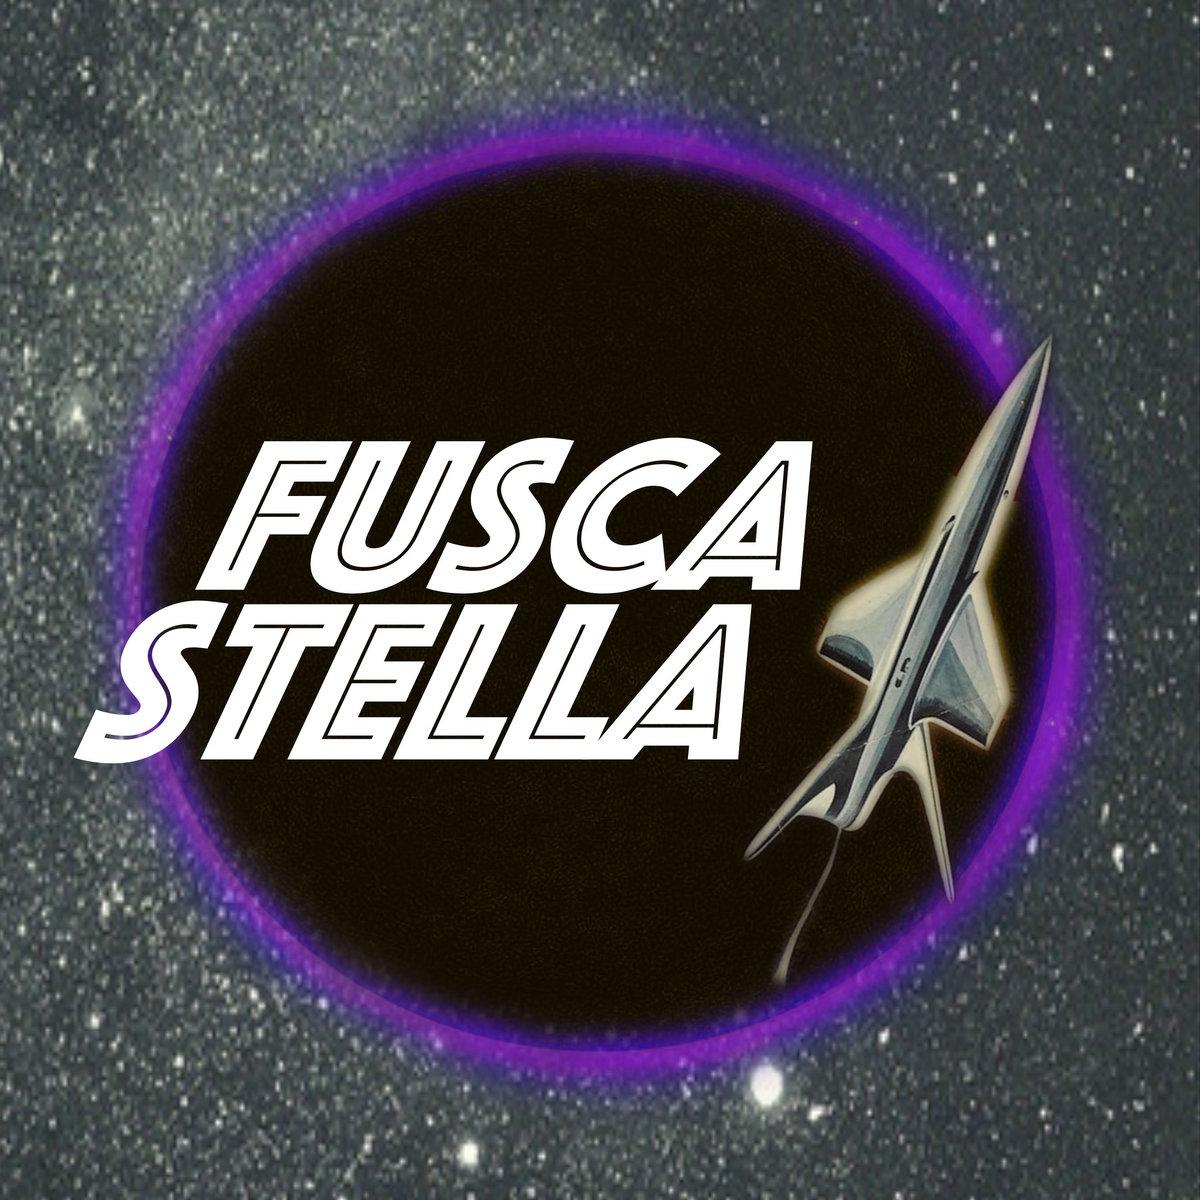 www.facebook.com/fuscastellaband